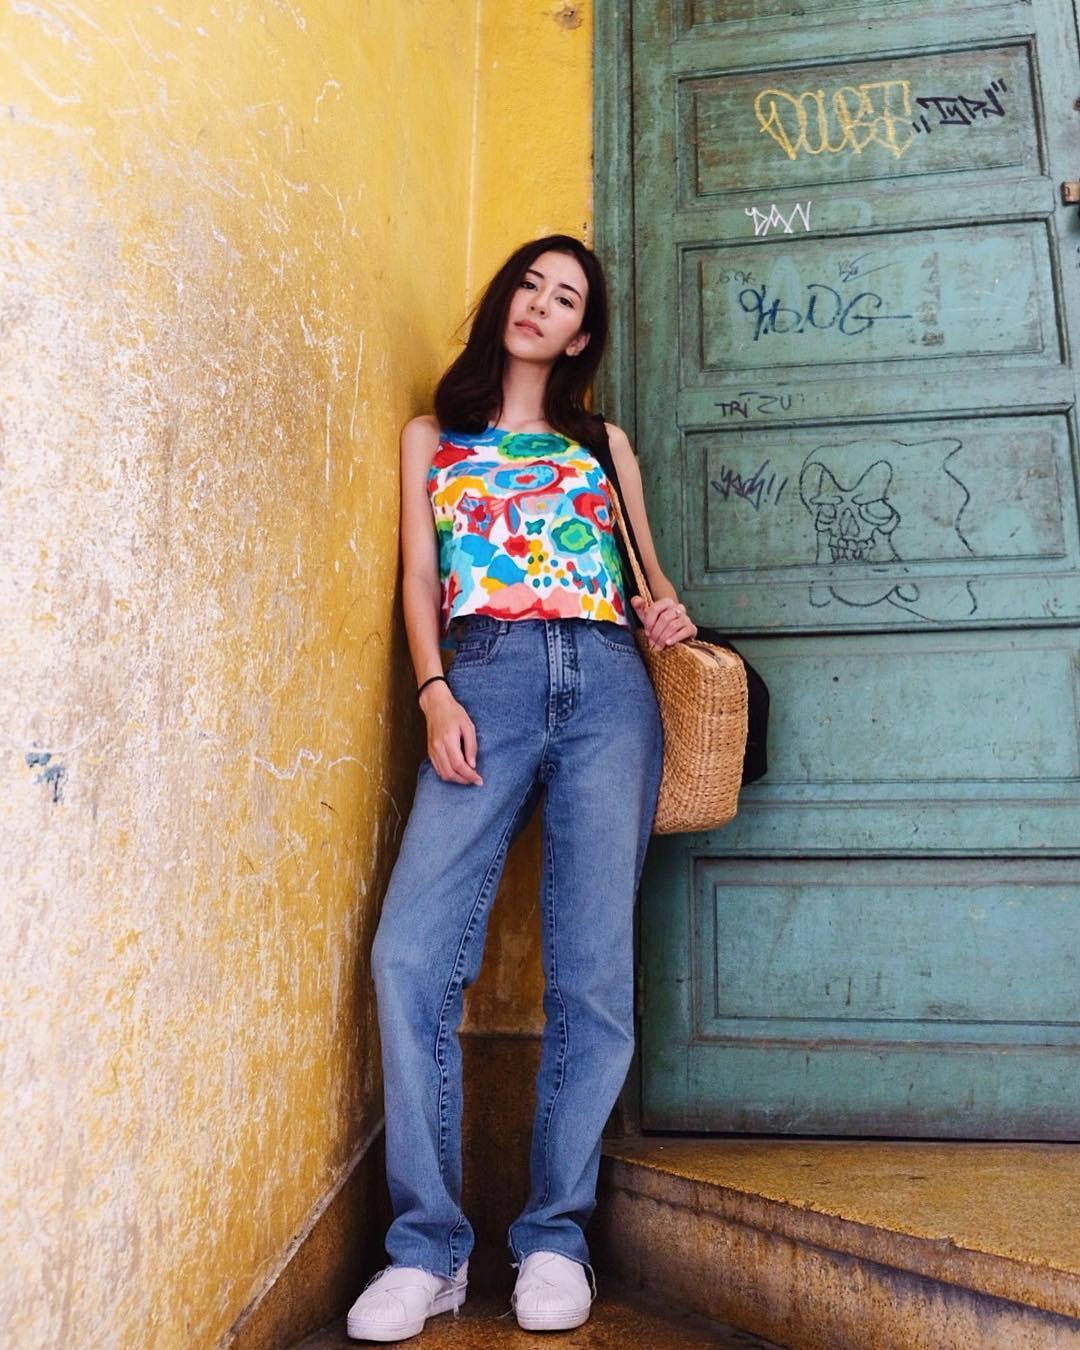 19 chiêu mix&match chất lừ với quần jeans ống rộng, cứ mặc lên là cao thêm cả chục phân chứ chẳng ít - Ảnh 7.